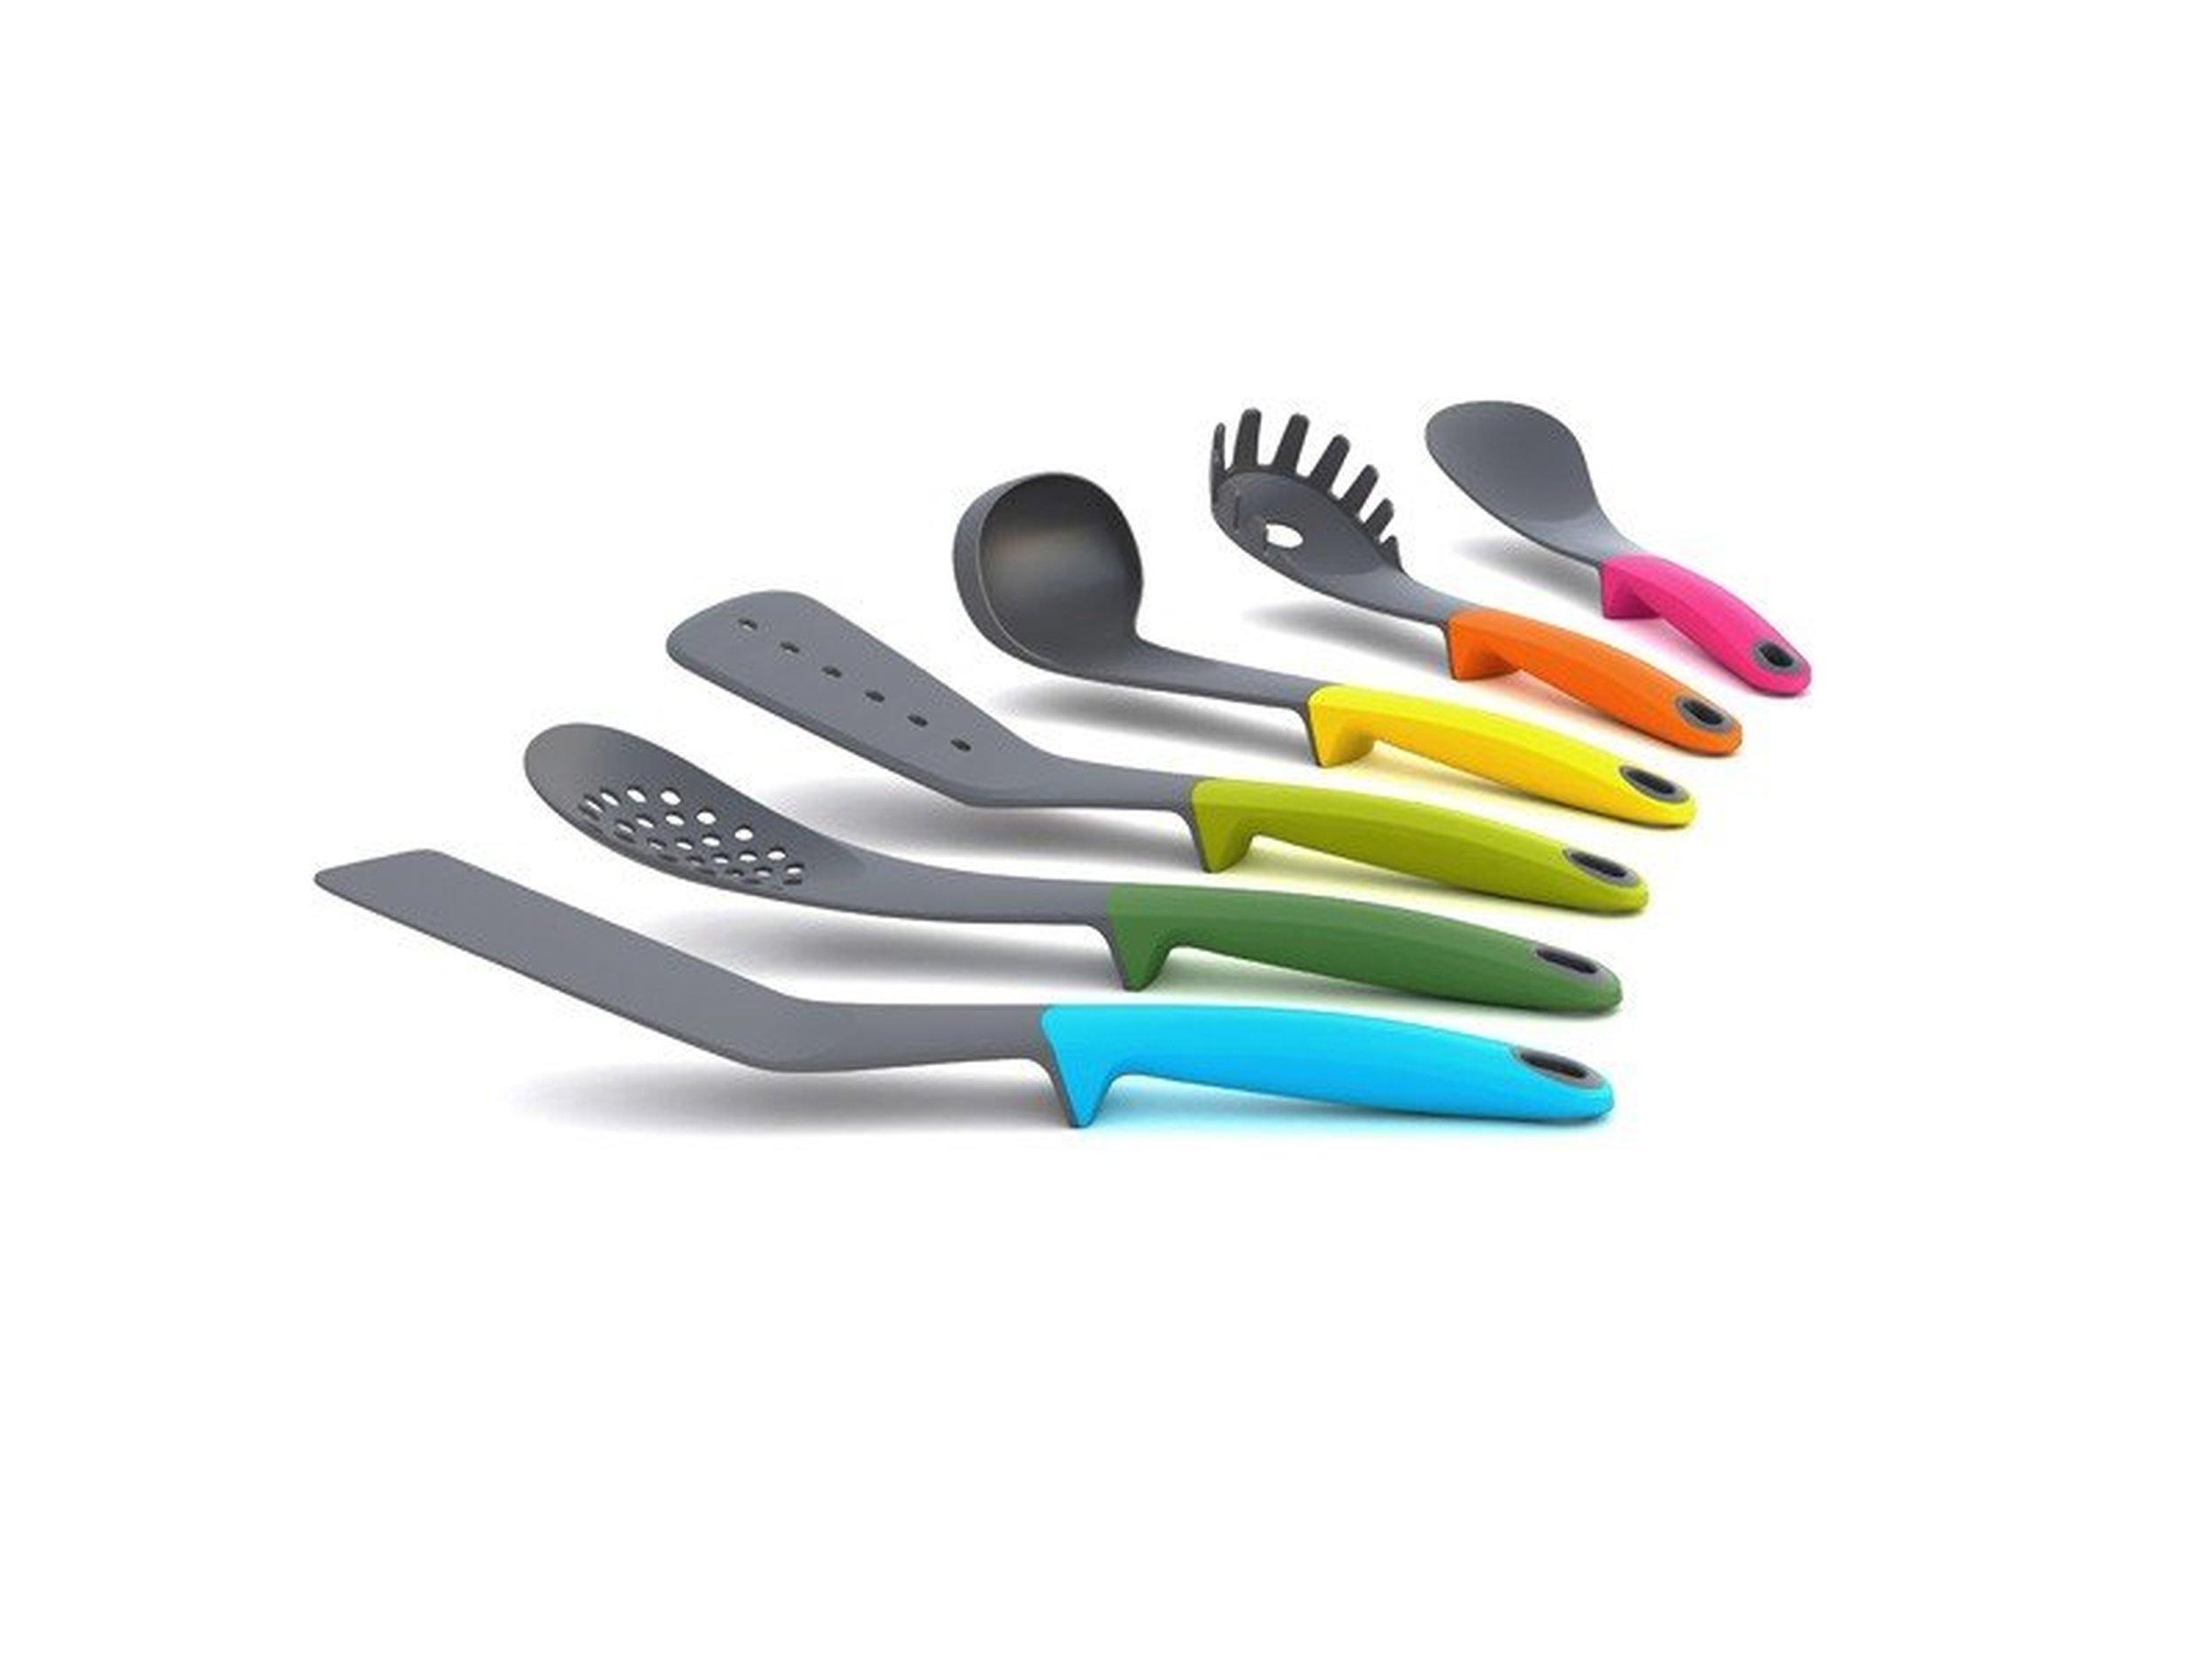 Akcesoria do gotowania, Elevate, kolorowe packi do teflonu, idealne na prezent